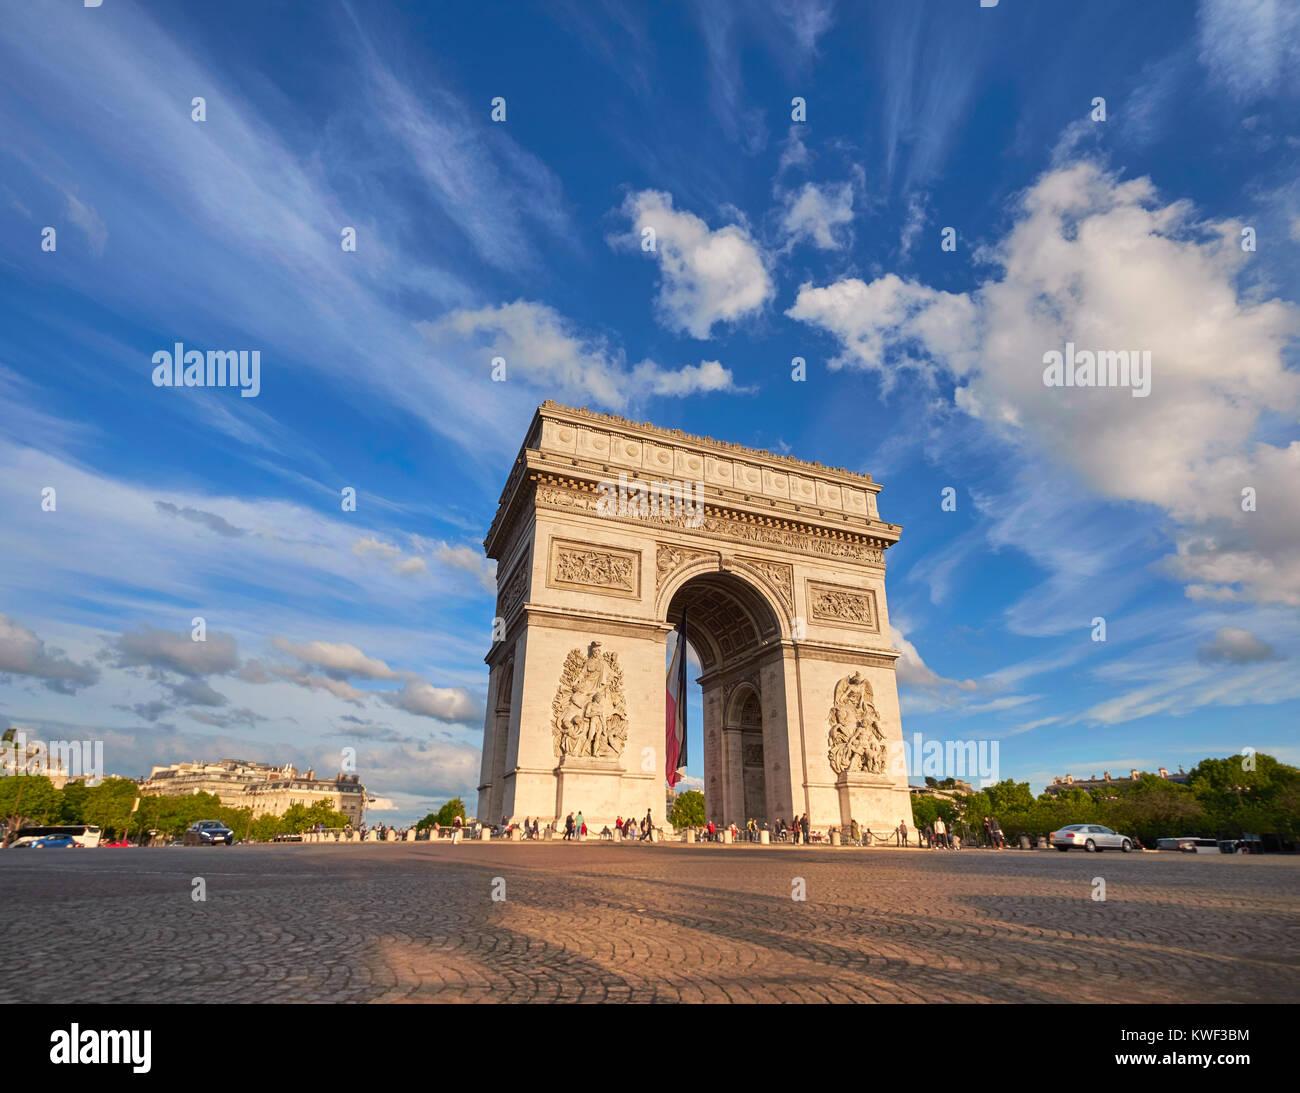 Arco di Trionfo a Parigi, Francia, su un luminoso pomeriggio con nuvole di piume dietro, immagine panoramica. Immagini Stock